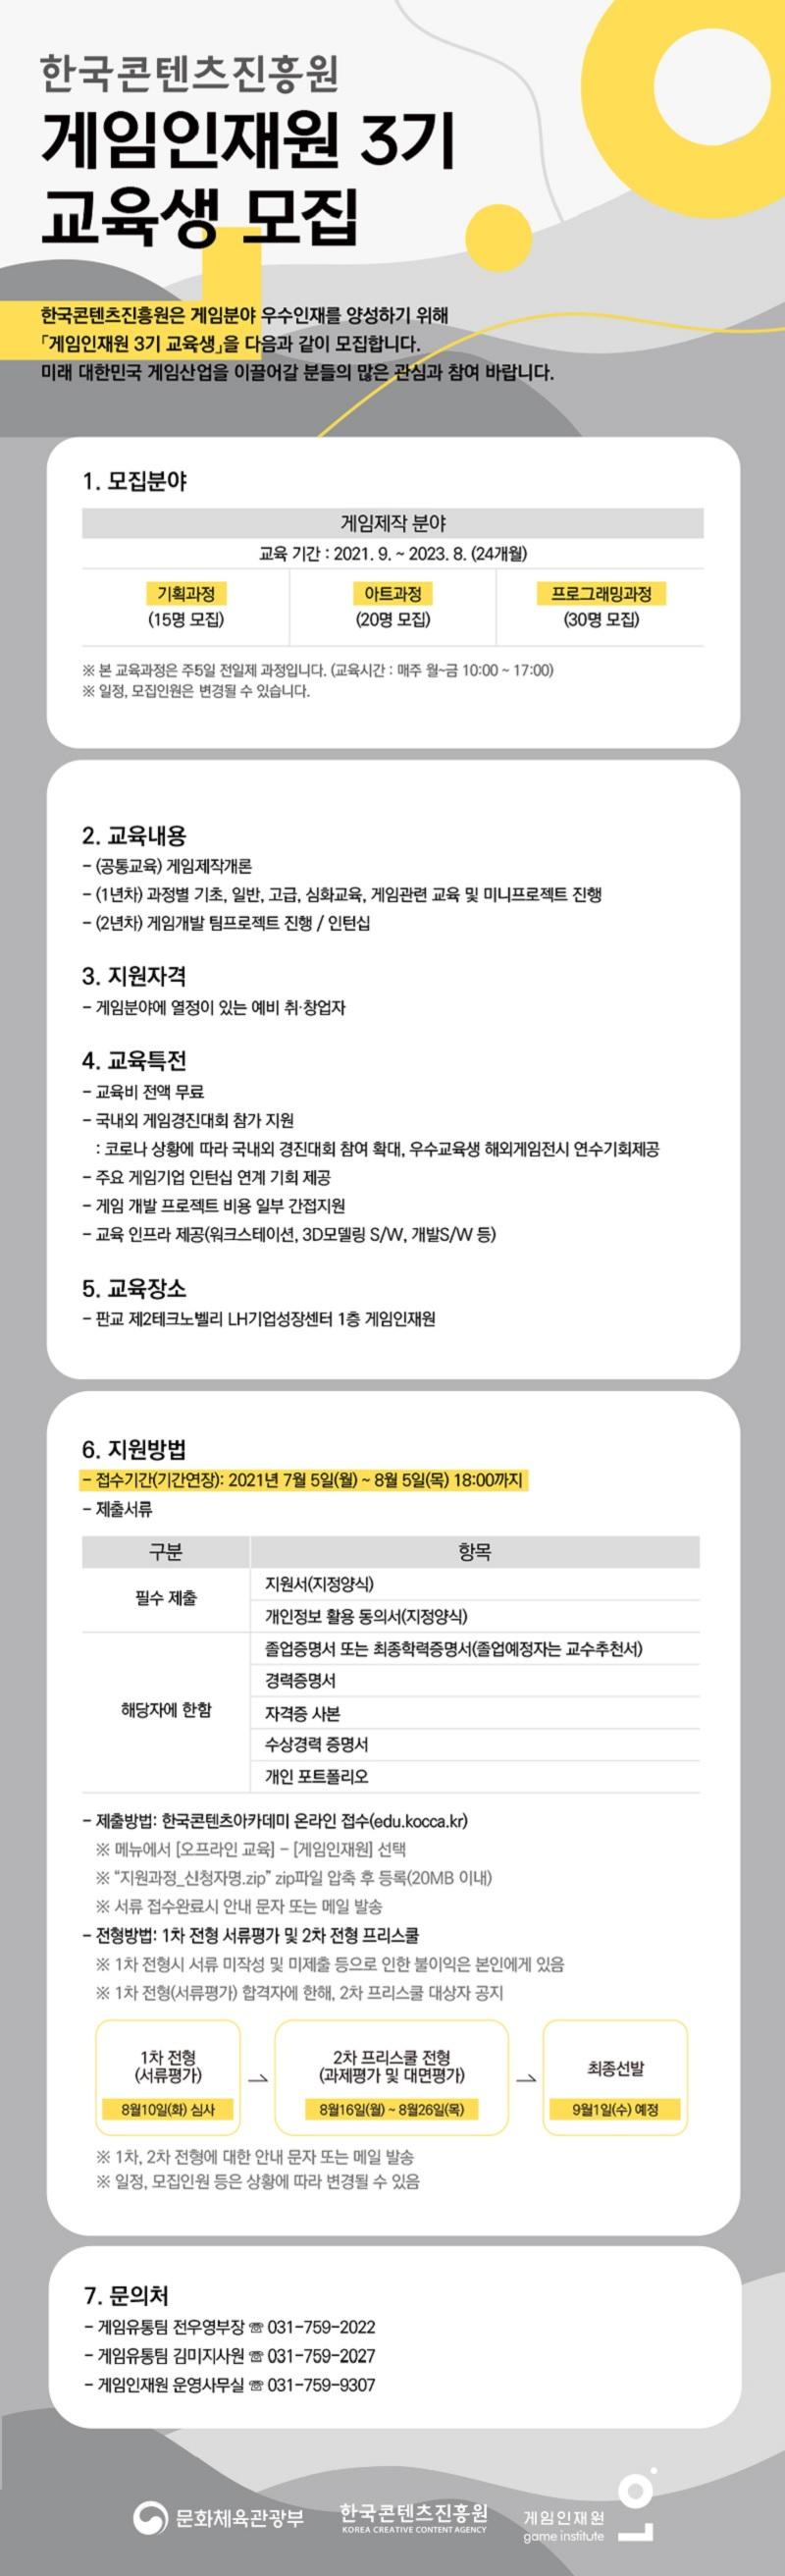 한국콘텐츠진흥원 게임인재원 3기 교육생모집